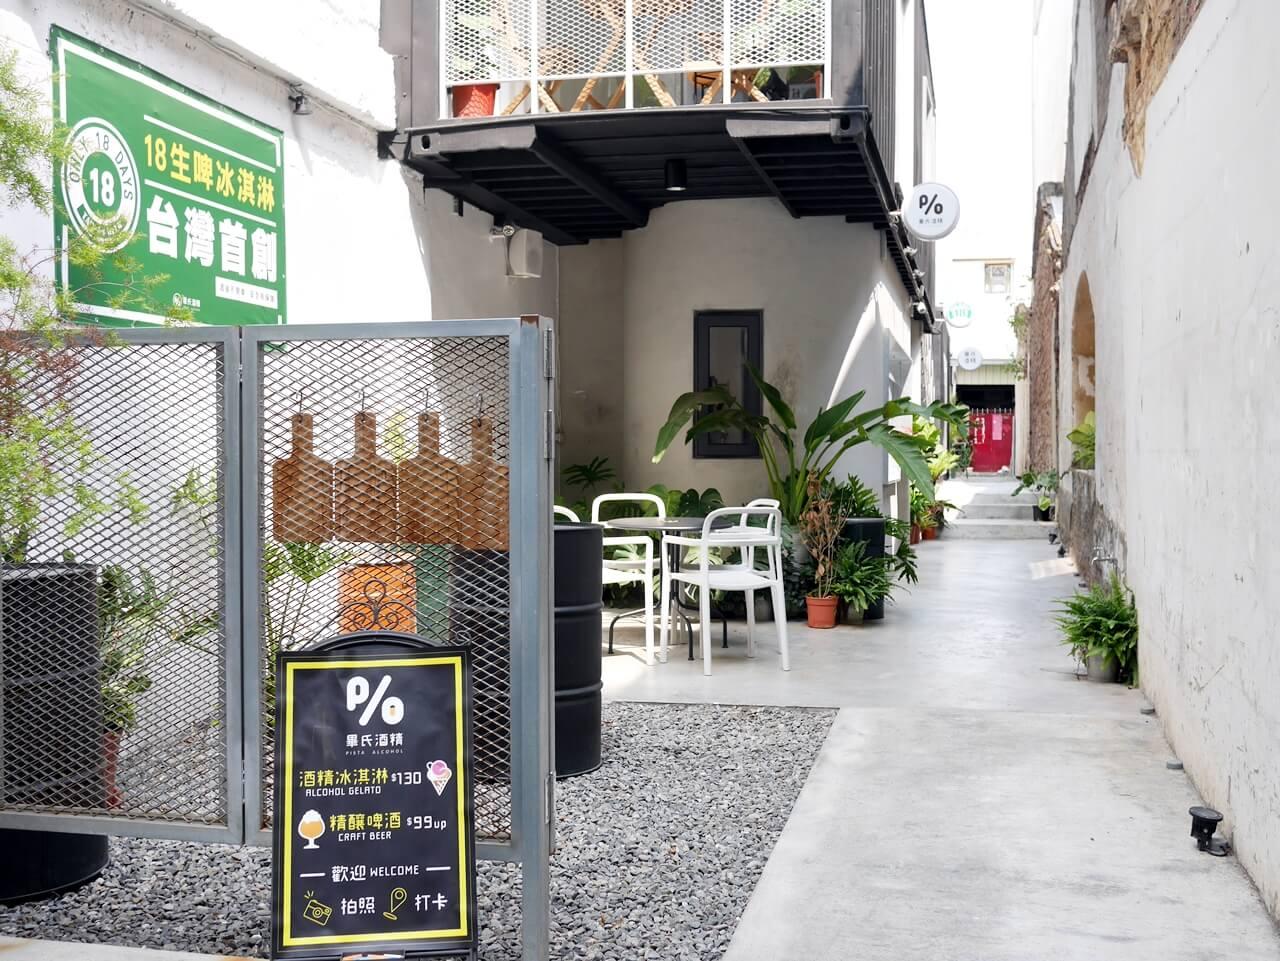 畢氏酒精 Pista Alcohol,大人的冰淇淋,台灣第一家18生啤冰淇淋-台南中西區